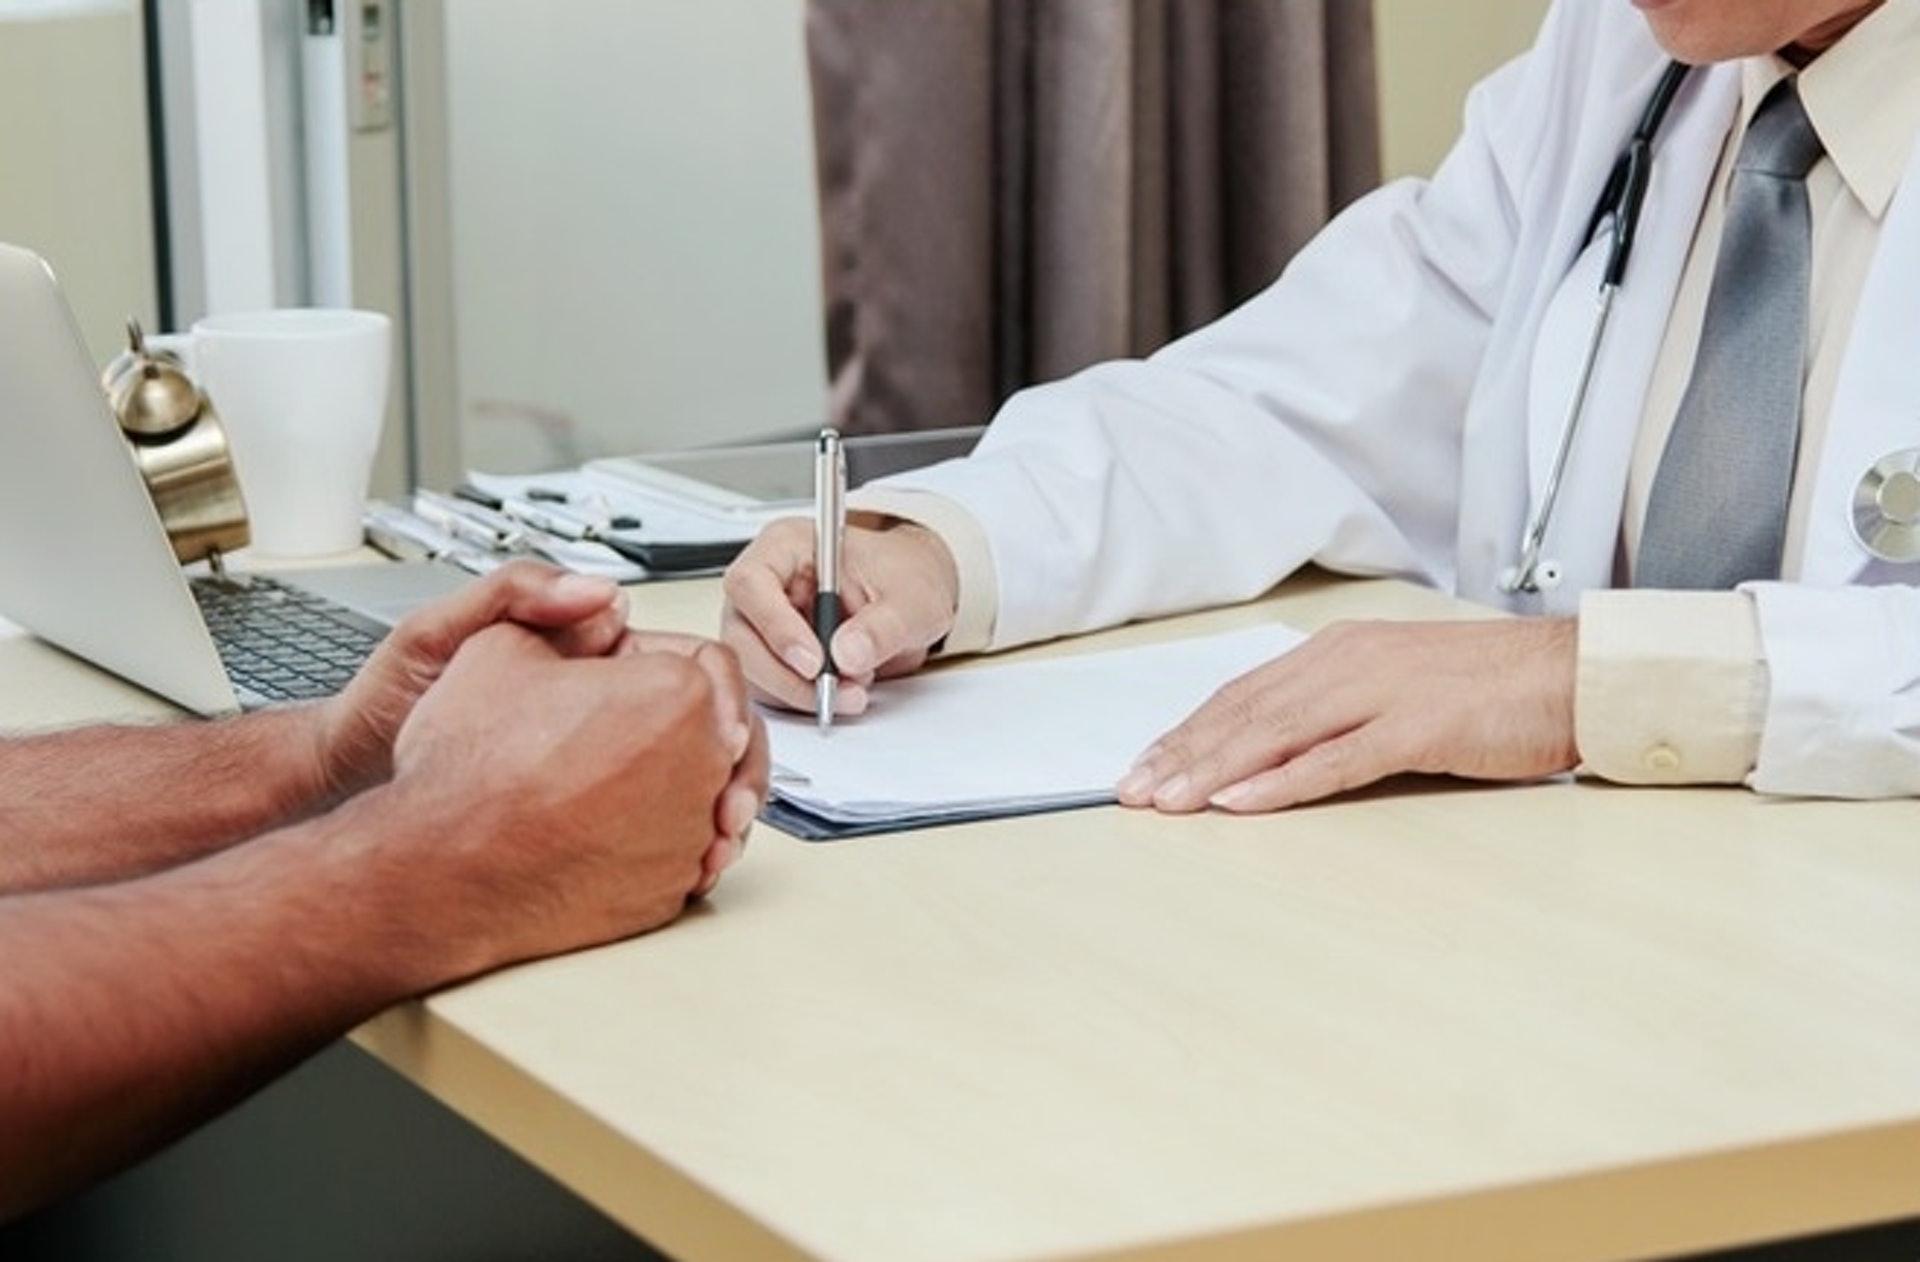 肛門瘻管只能靠手術治療。醫生會考慮瘻管的數目及嚴重程度選擇手術方式,並盡量減少手術對括約肌的影響。(圖片:Freepik)